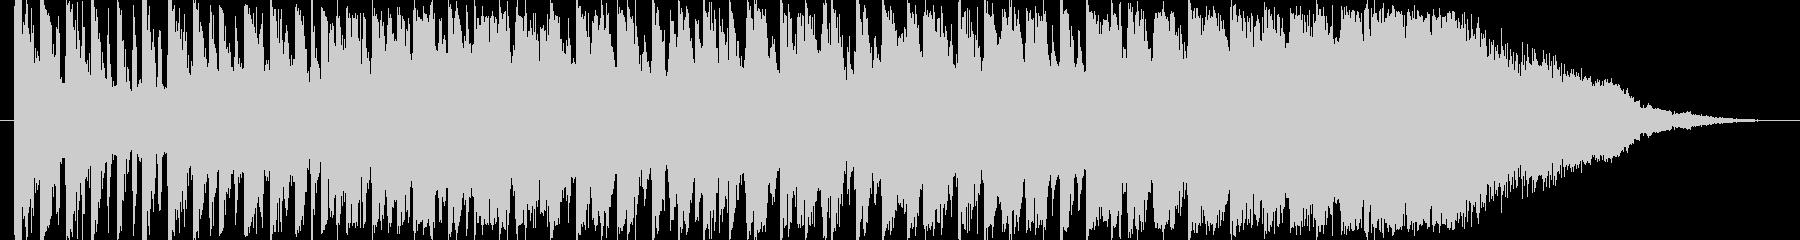 スイングスタイルのホーンと1980...の未再生の波形